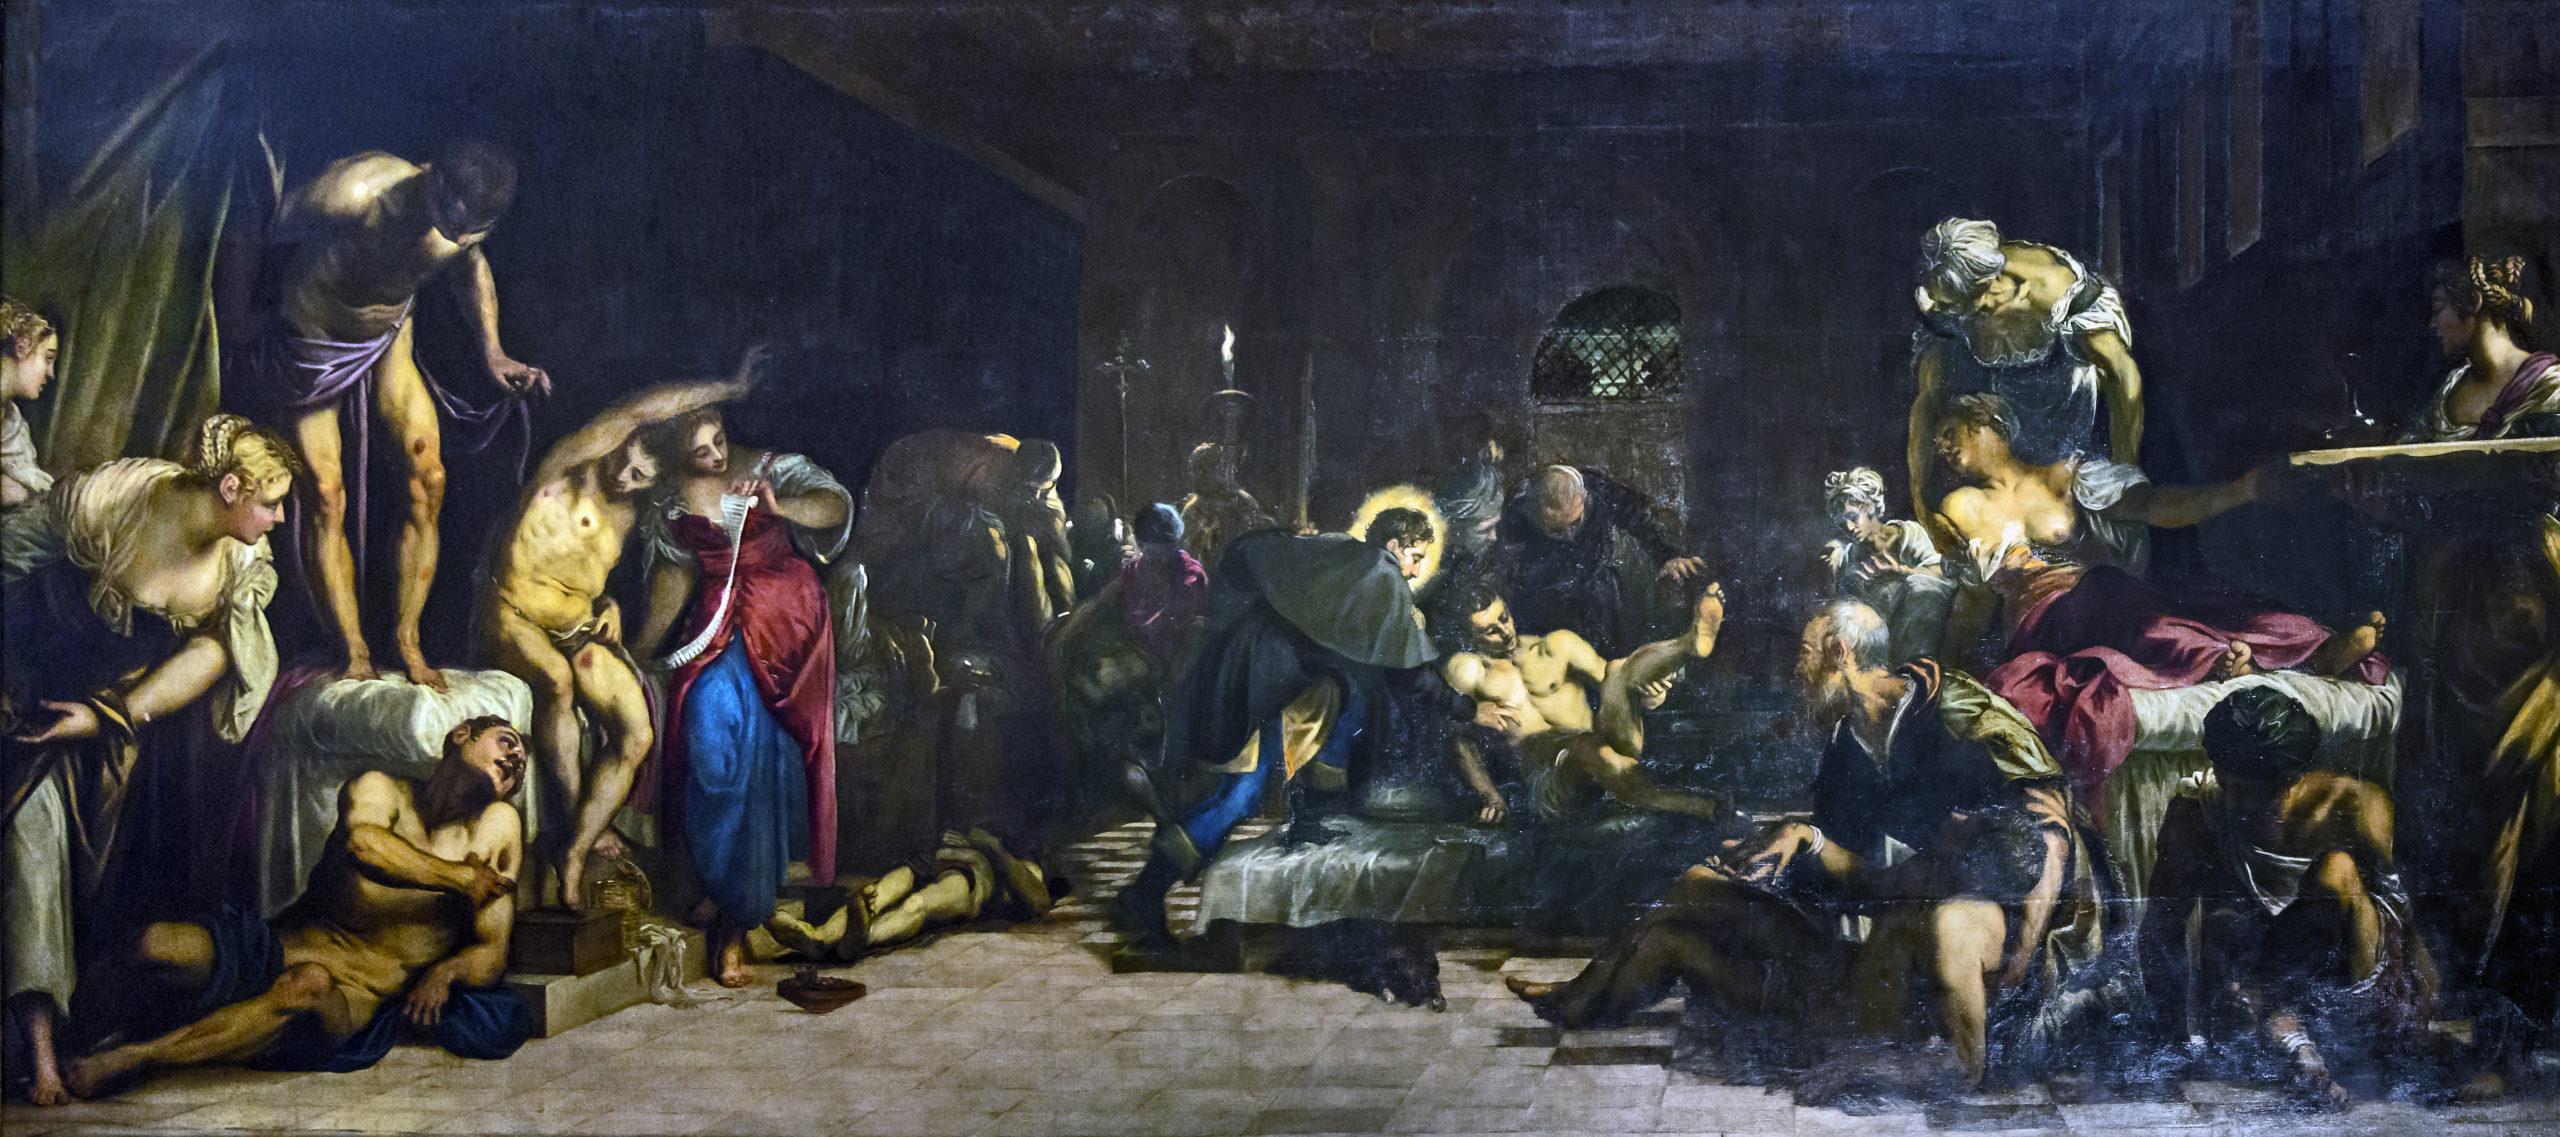 Le Tintoret, Saint Roch guérissant les pestiférés, 1549, Venise, église San Rocco.